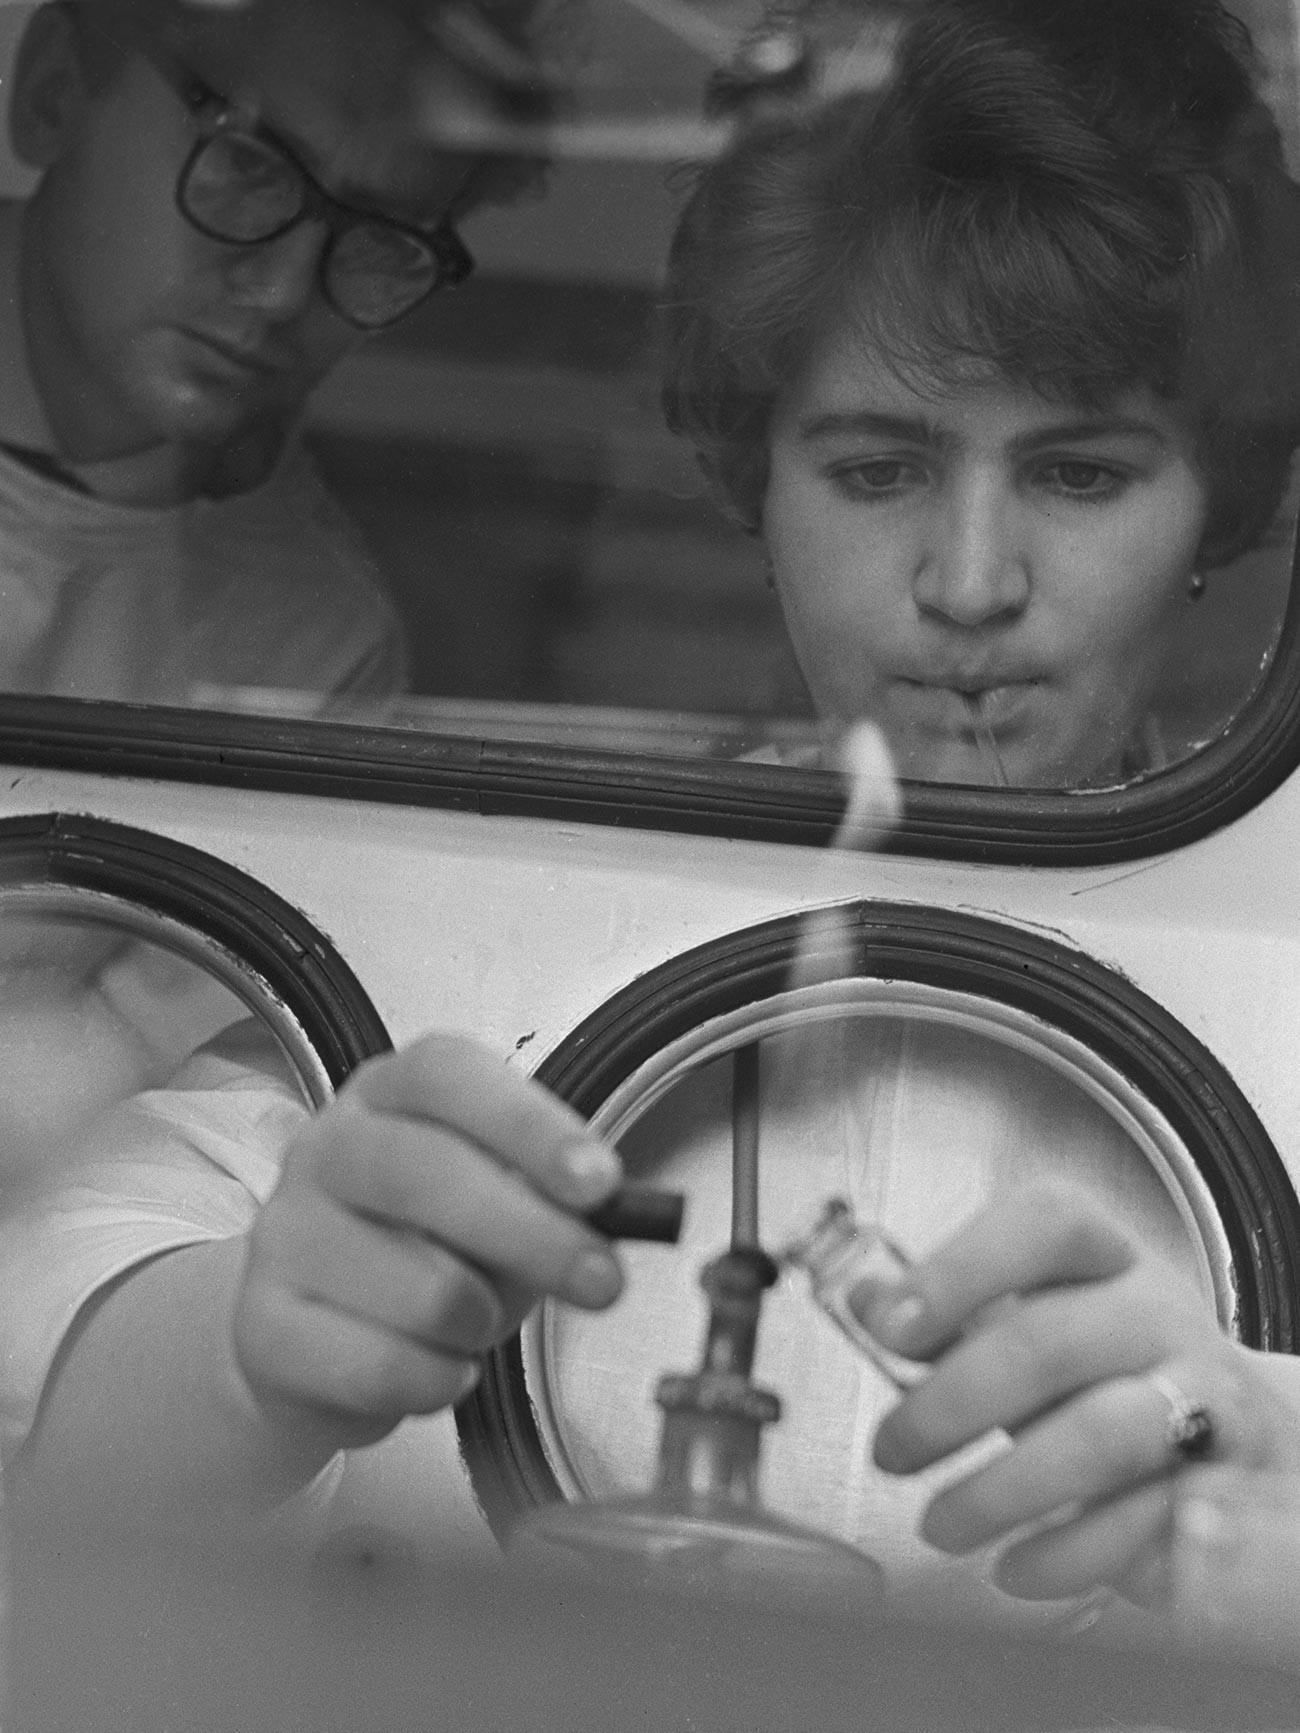 Gli scienziati dell'Istituto di Poliomielite ed Encefalite Virale dell'Accademia Sovietica delle Scienze Mediche (ora conosciuto come Istituto Mikhail Chumakov) durante lo studio di un vaccino contro la polio